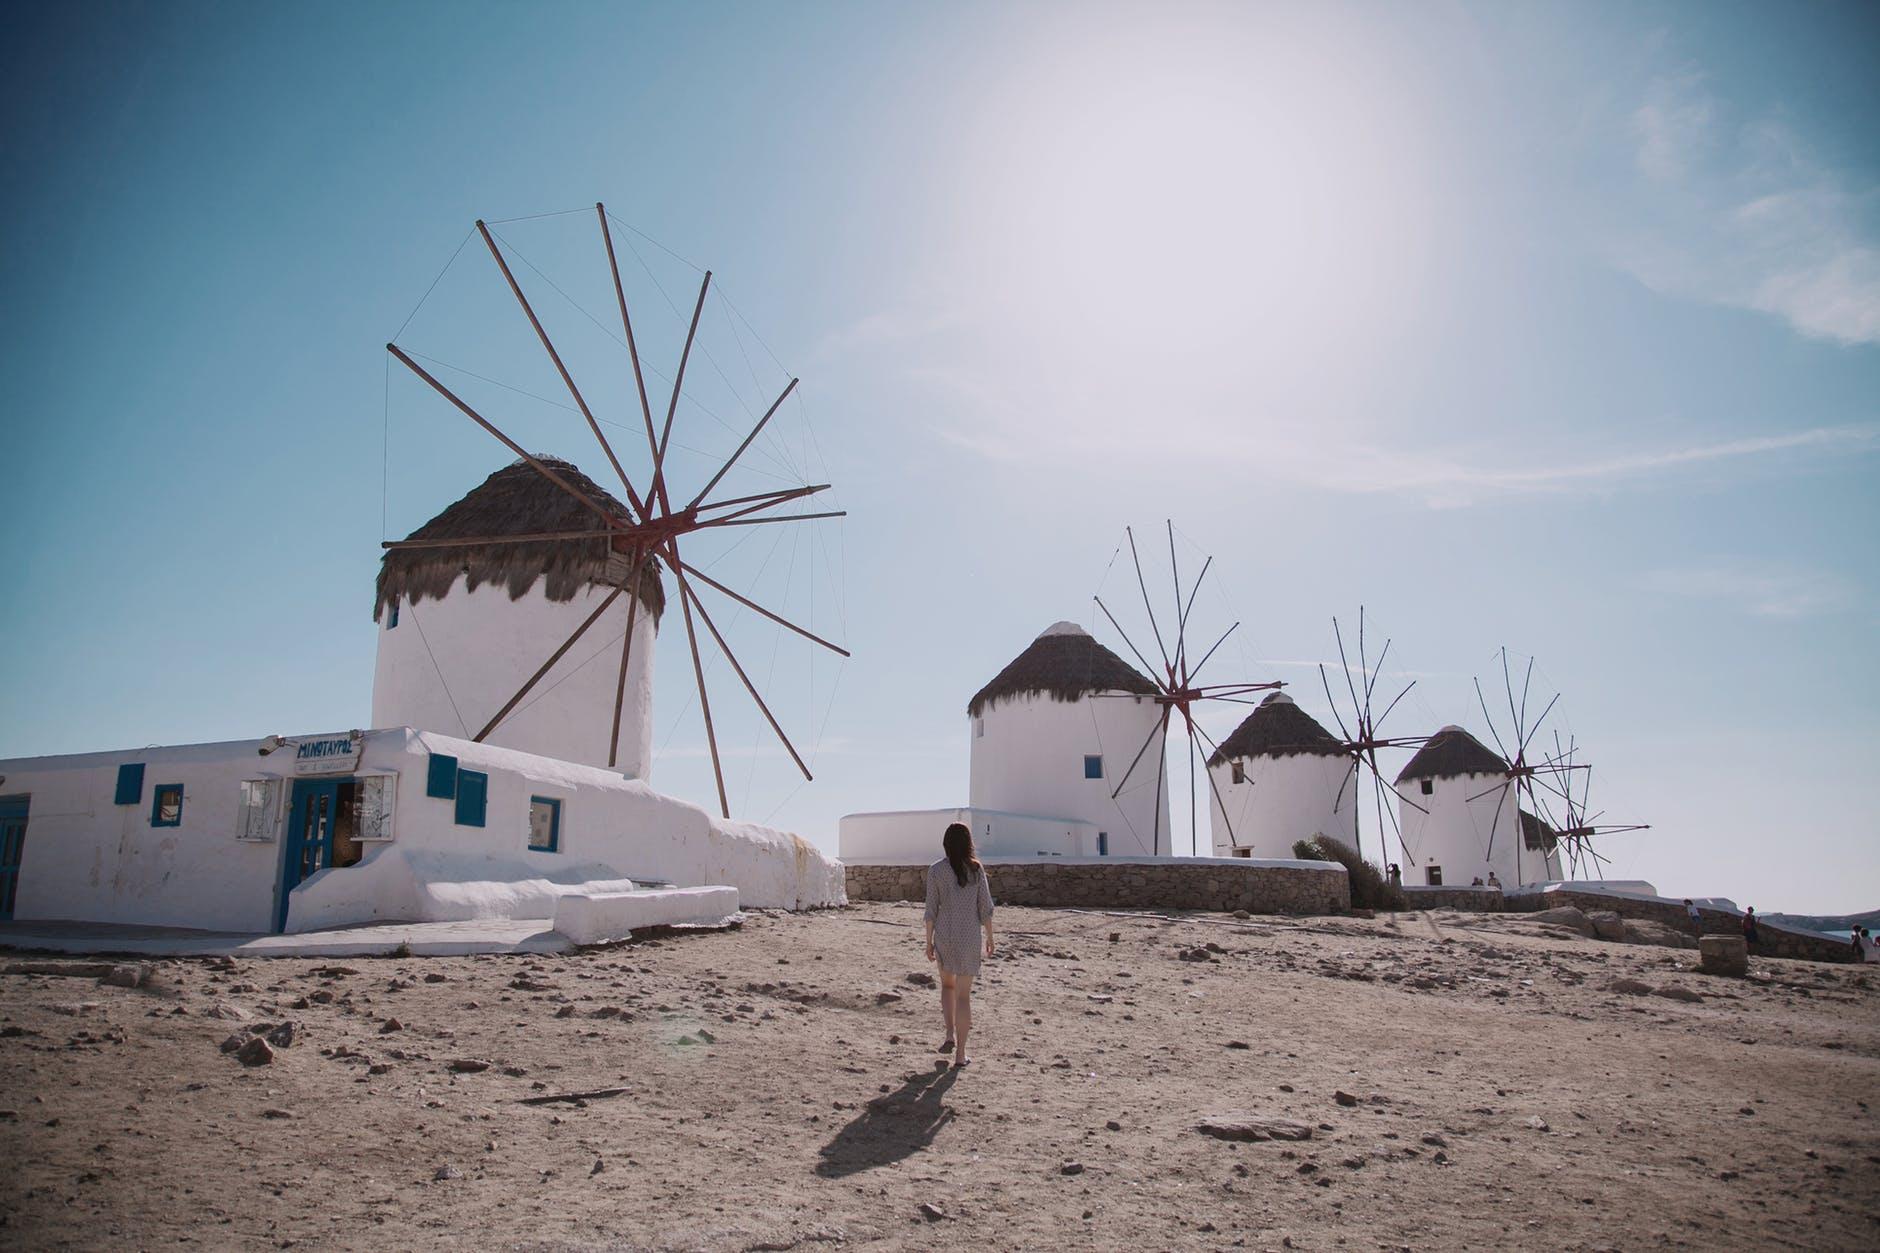 Uma semana de sonho pelas ilhas gregas a bordo do navio Horizon